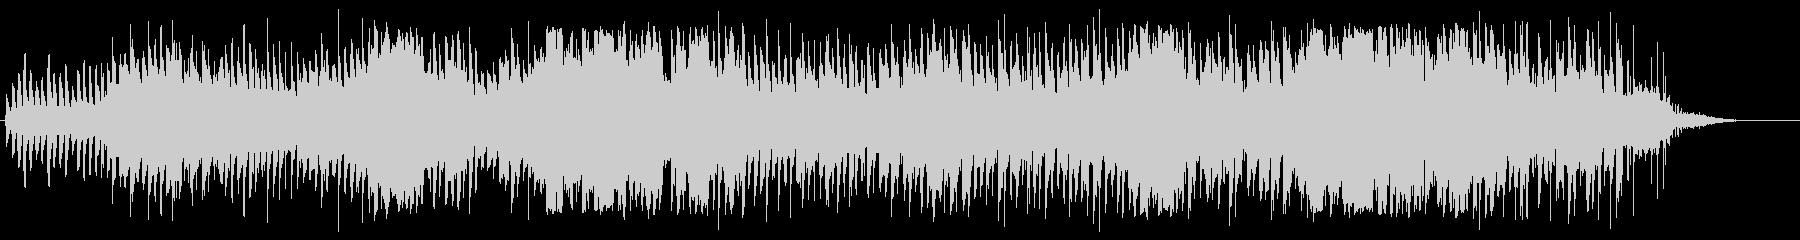 ゴシック・ホラー系のオペラ調楽曲です。の未再生の波形